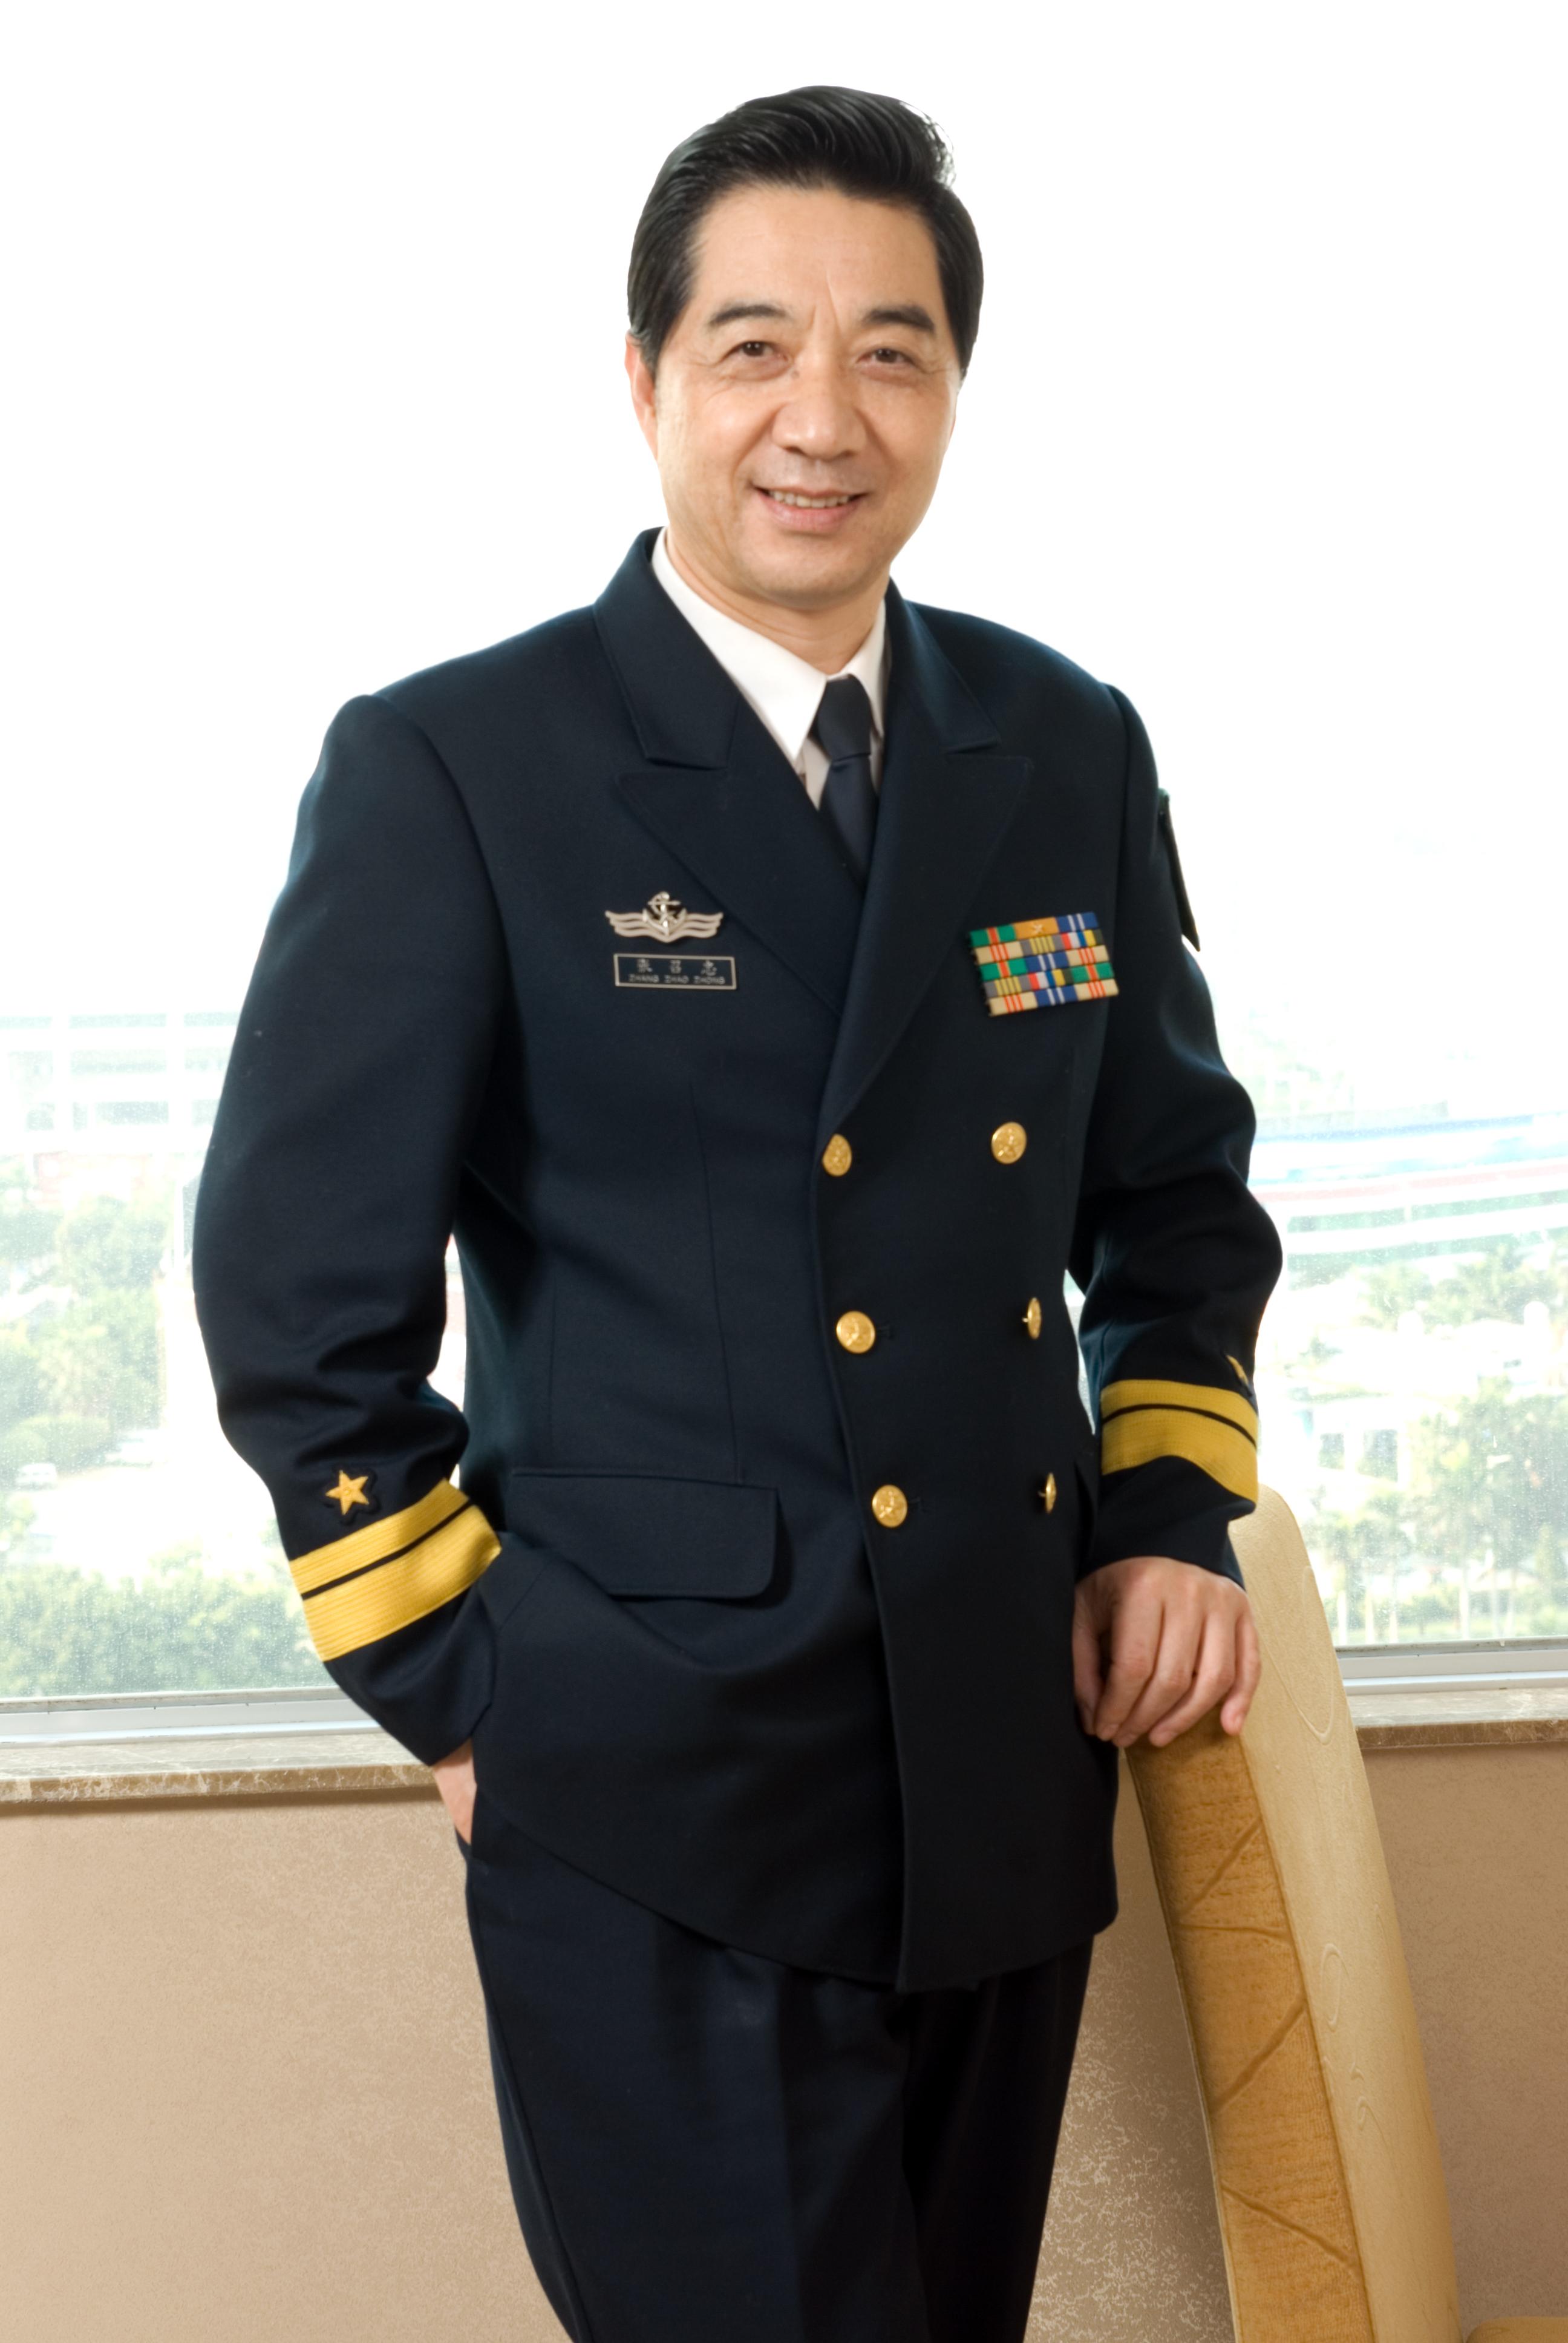 张召忠,国防大学教授,副军职,海军少将,军事战略学博士研究生导师